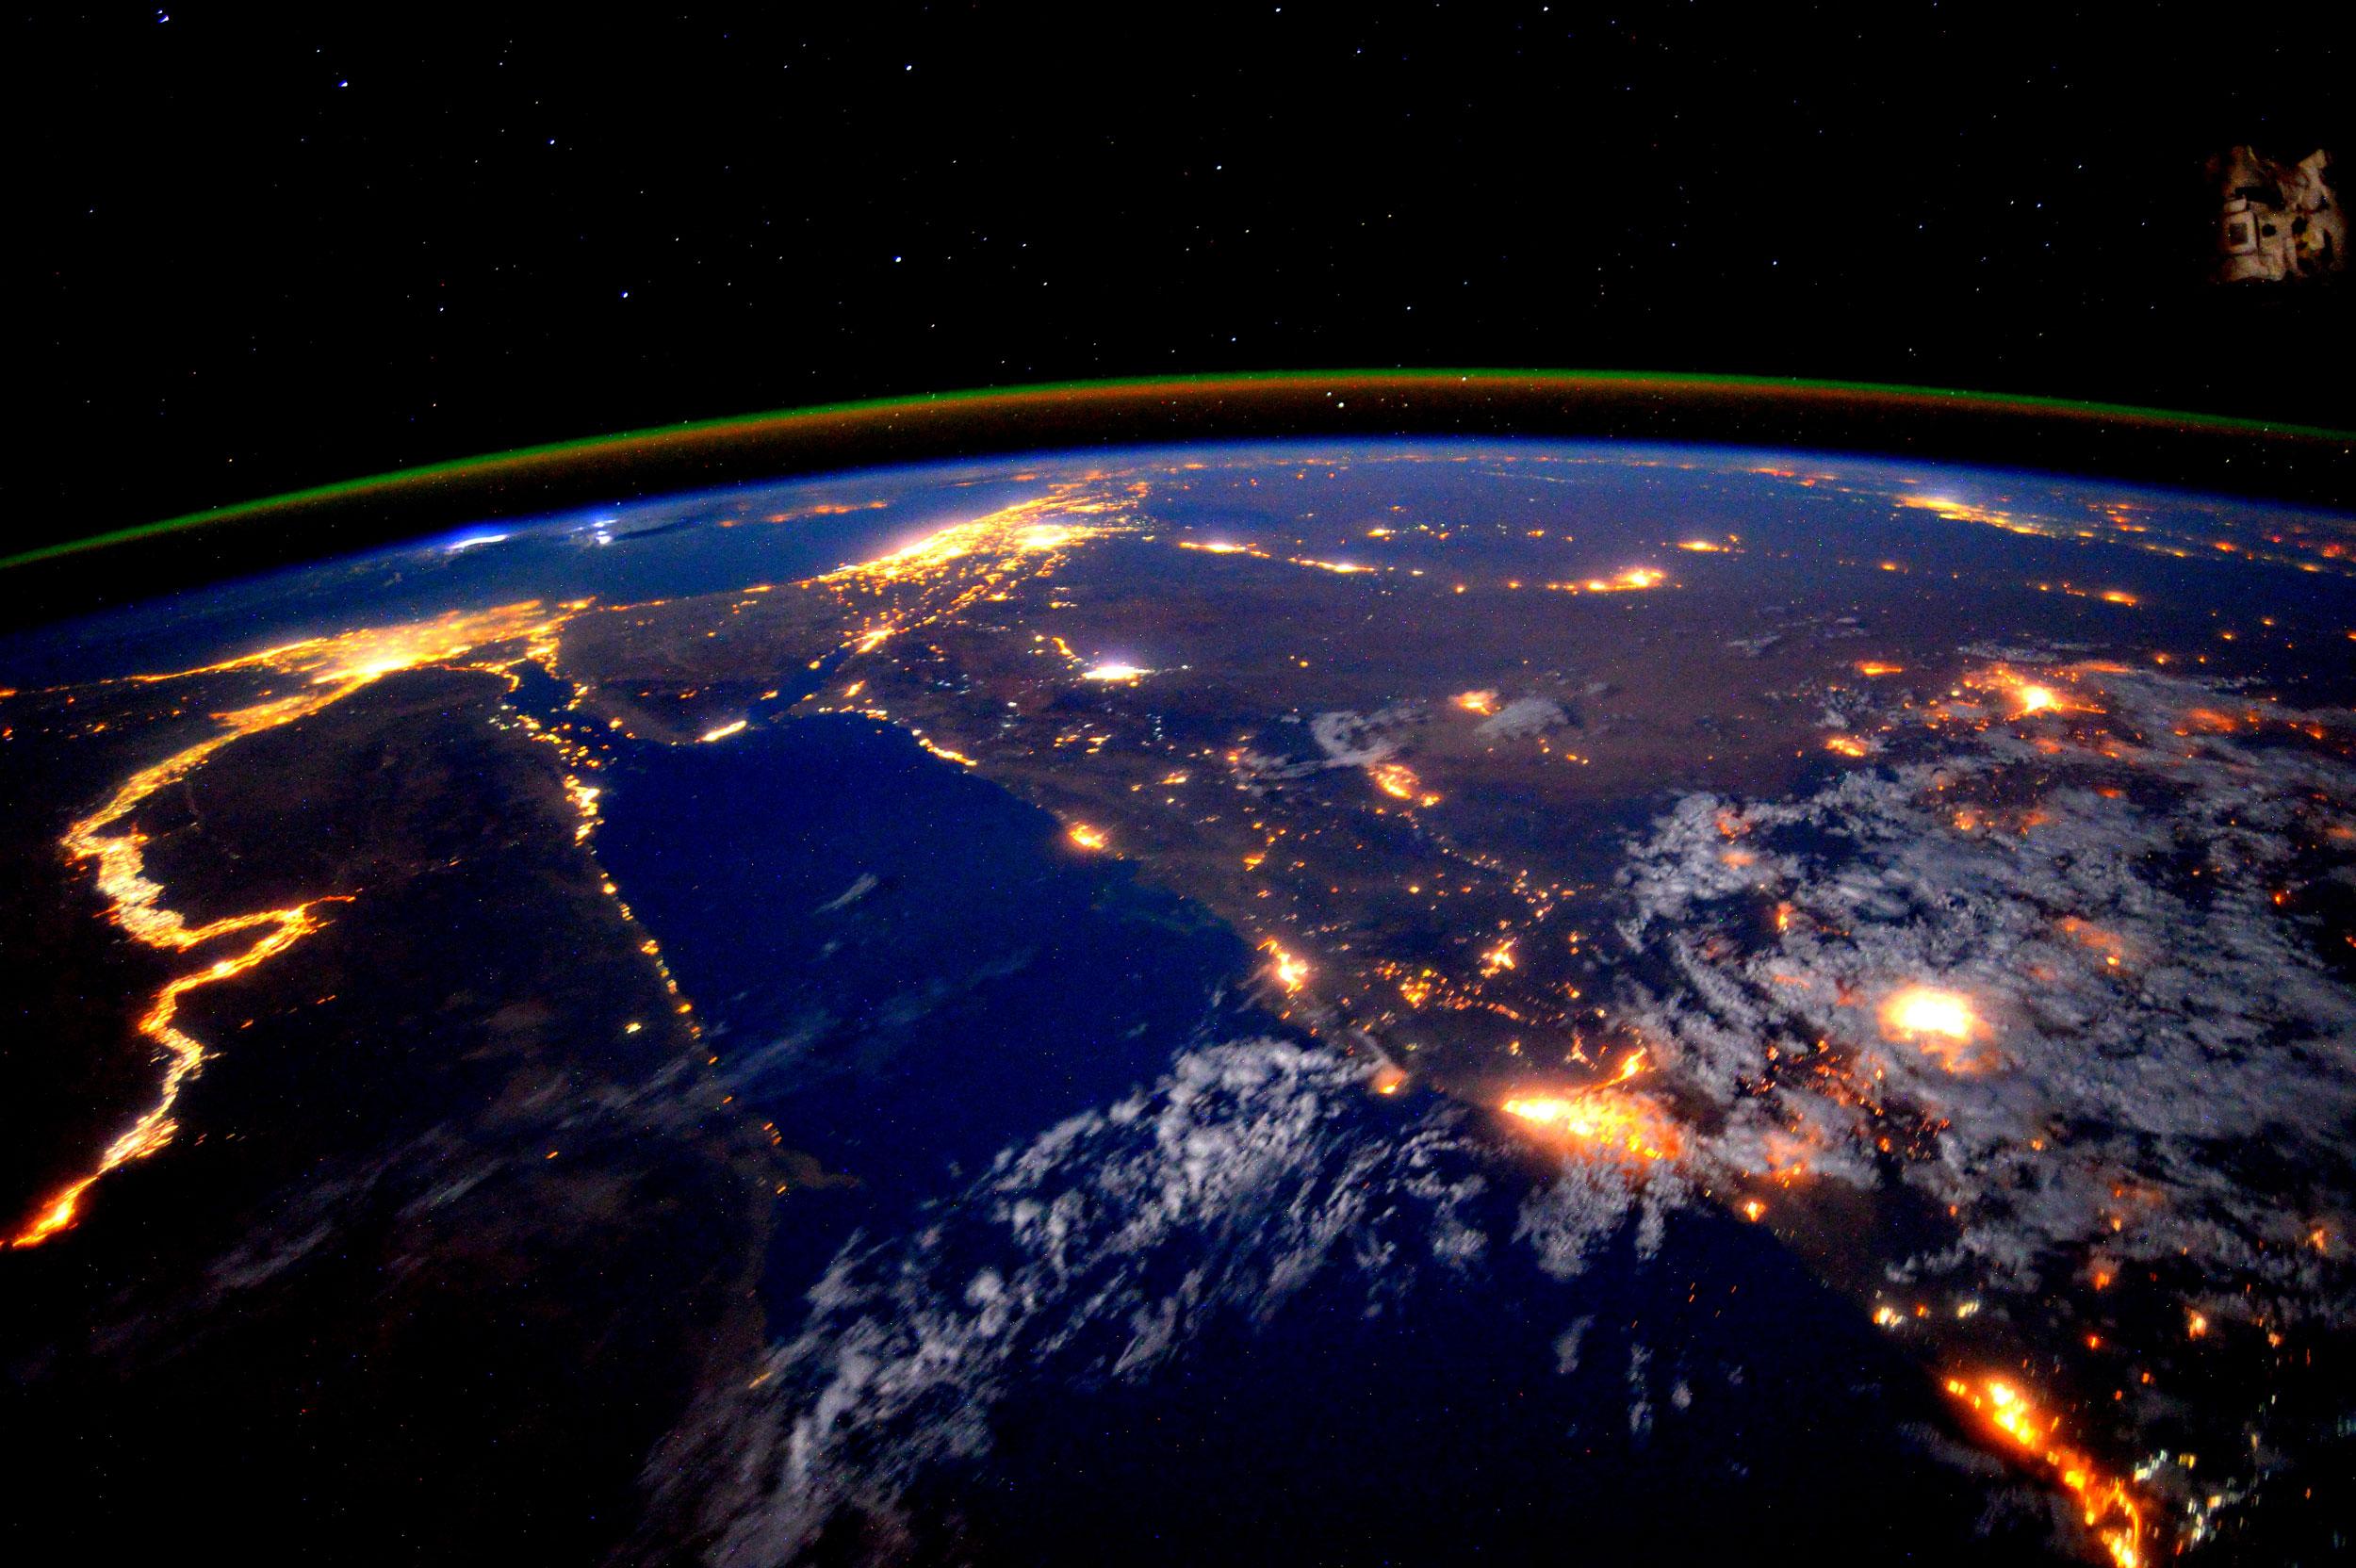 الكرة الارضية ليلا , اجمل الصور للكرة الارضية